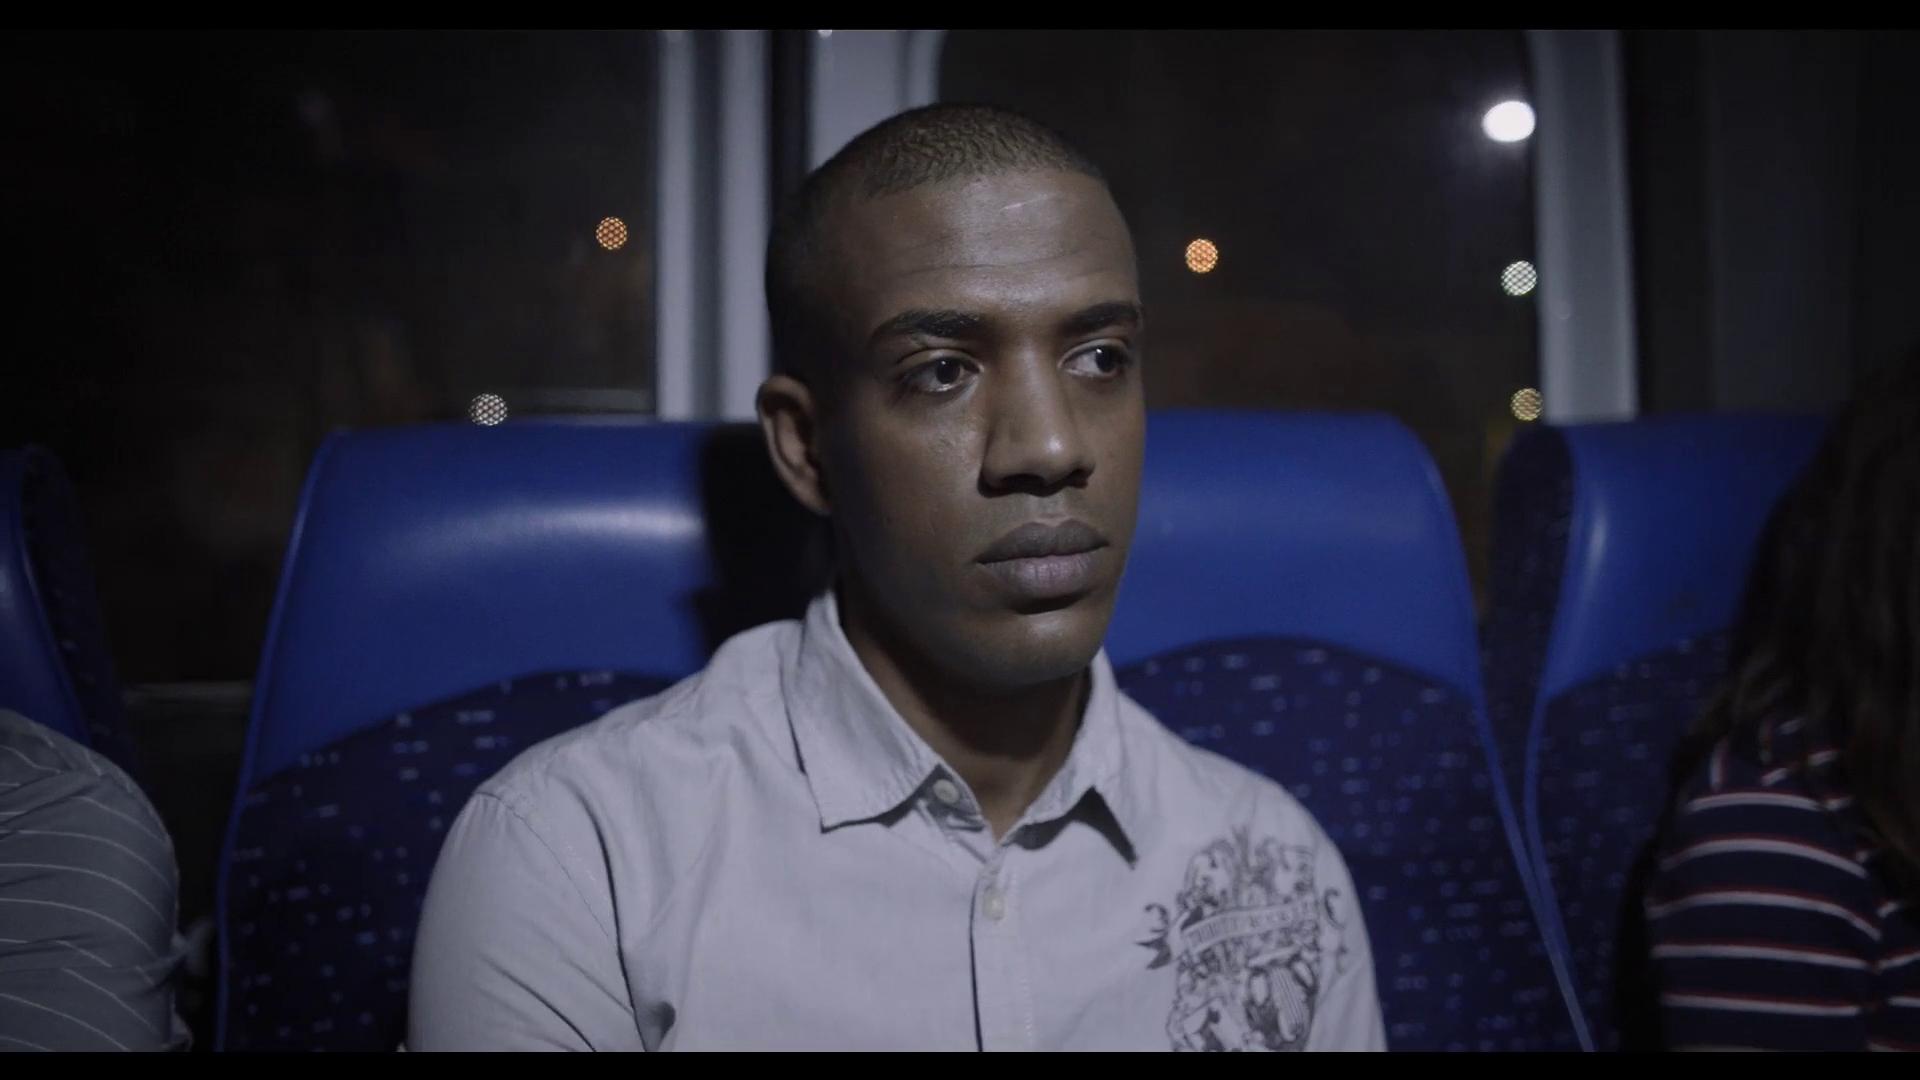 Film still from Cosmopolitan gay film from Israel